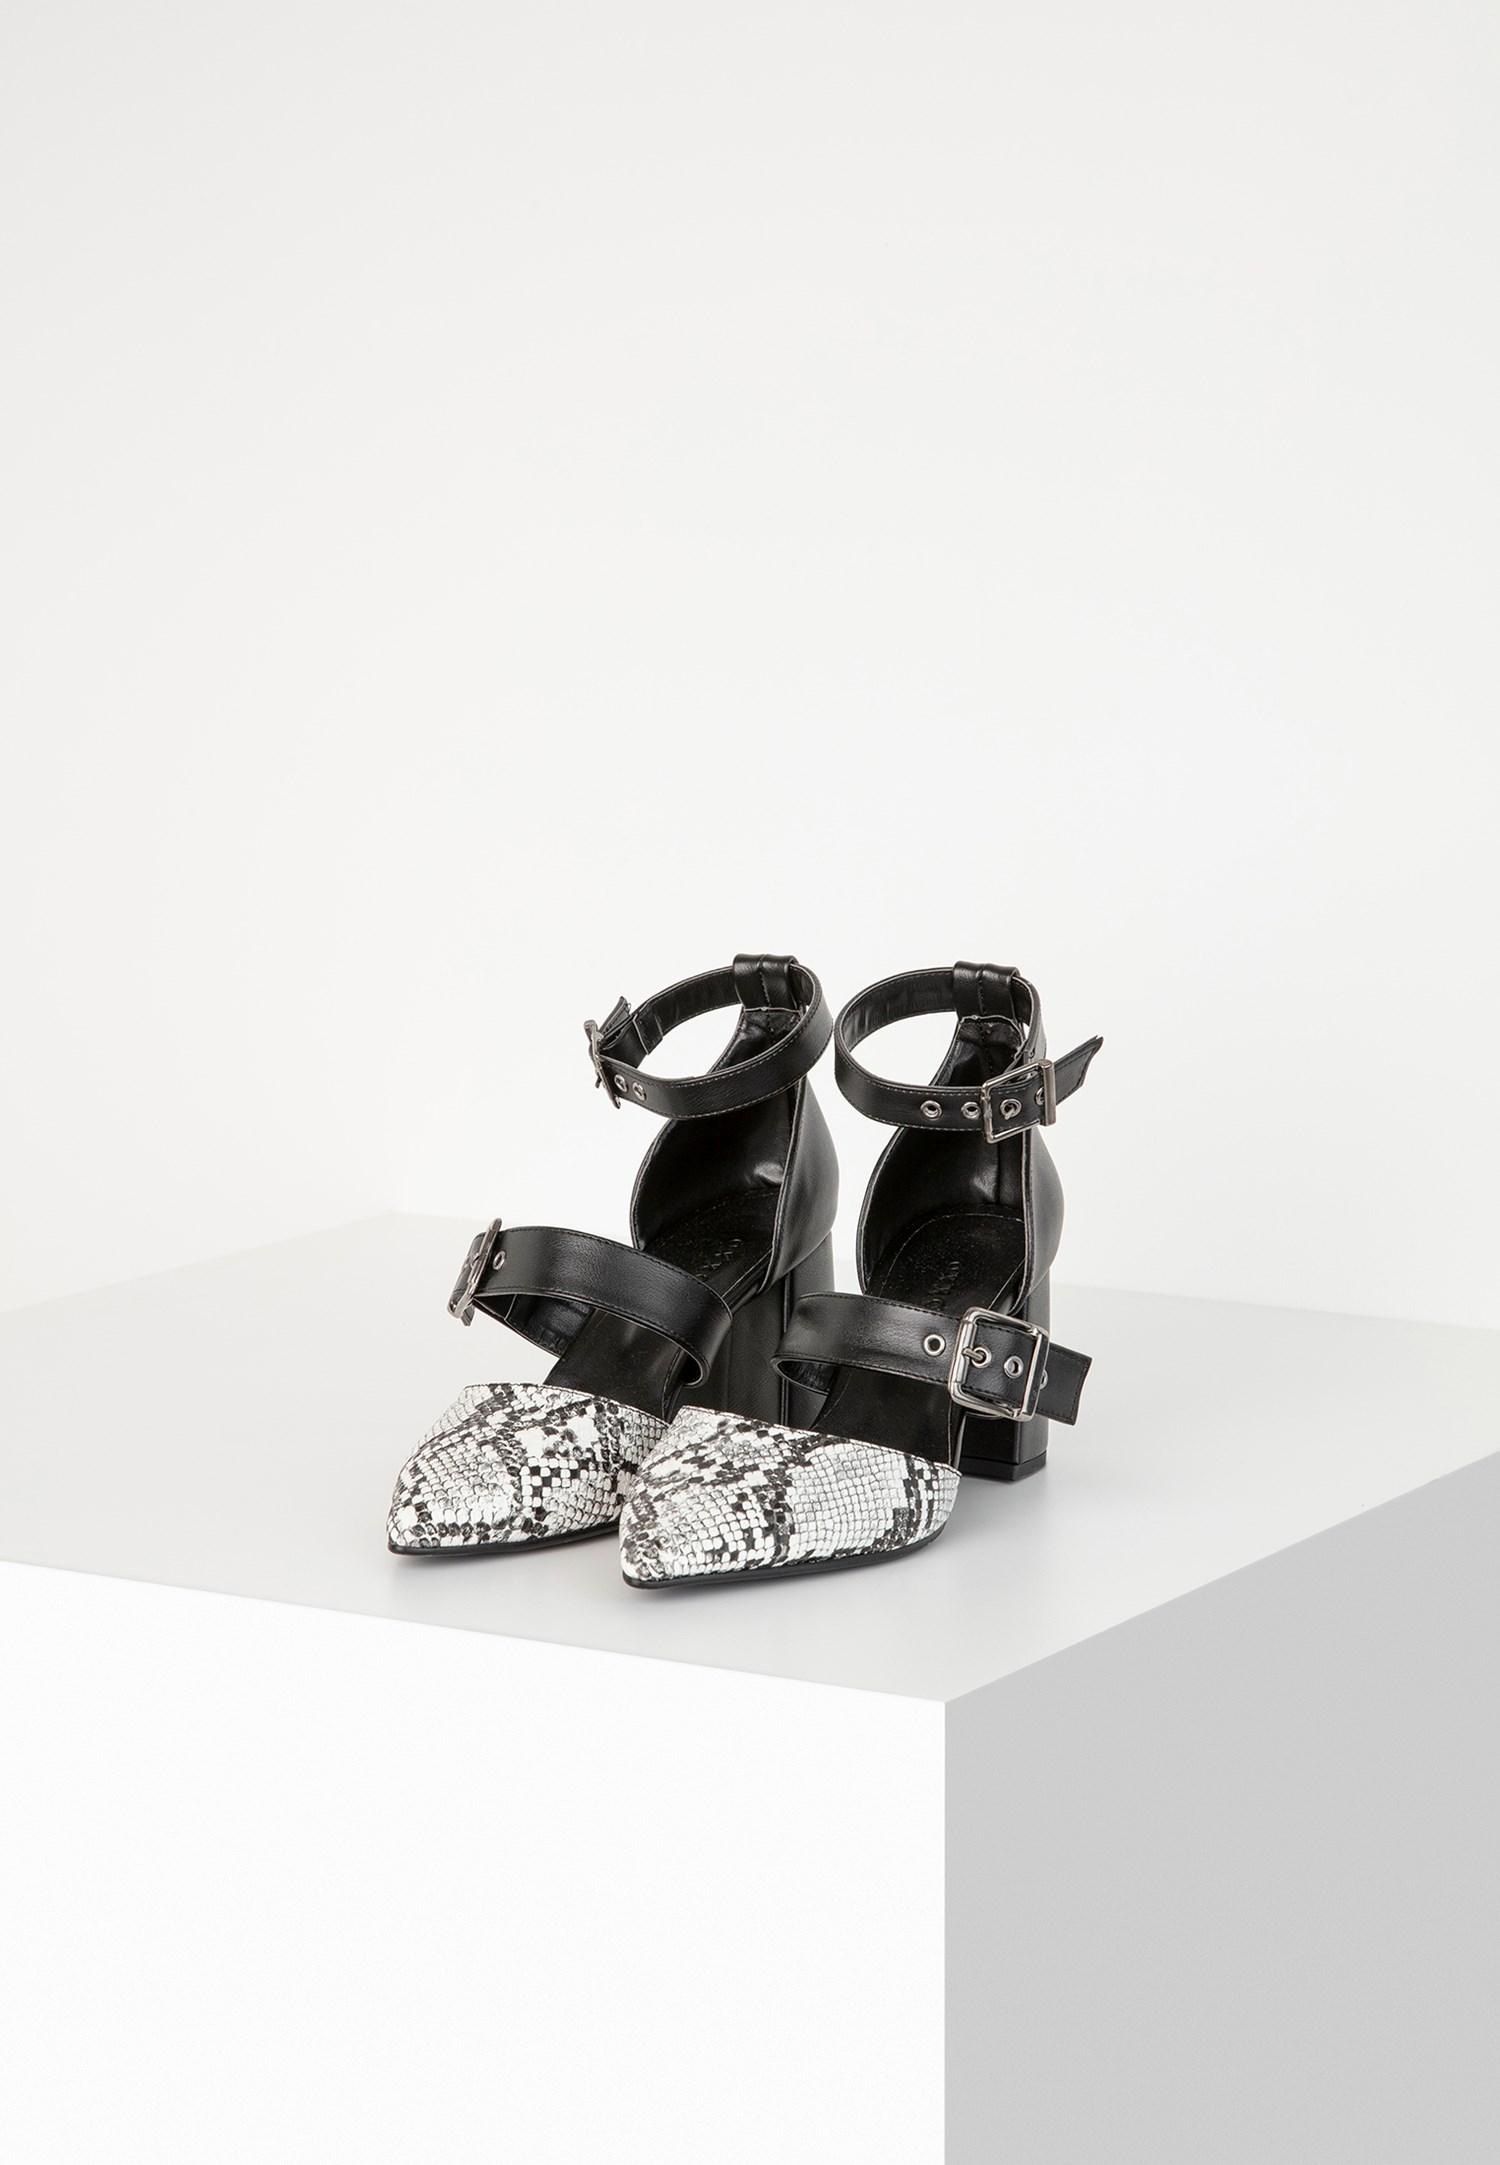 Bayan Çok Renkli Toka Detaylı Topuklu Ayakkabı